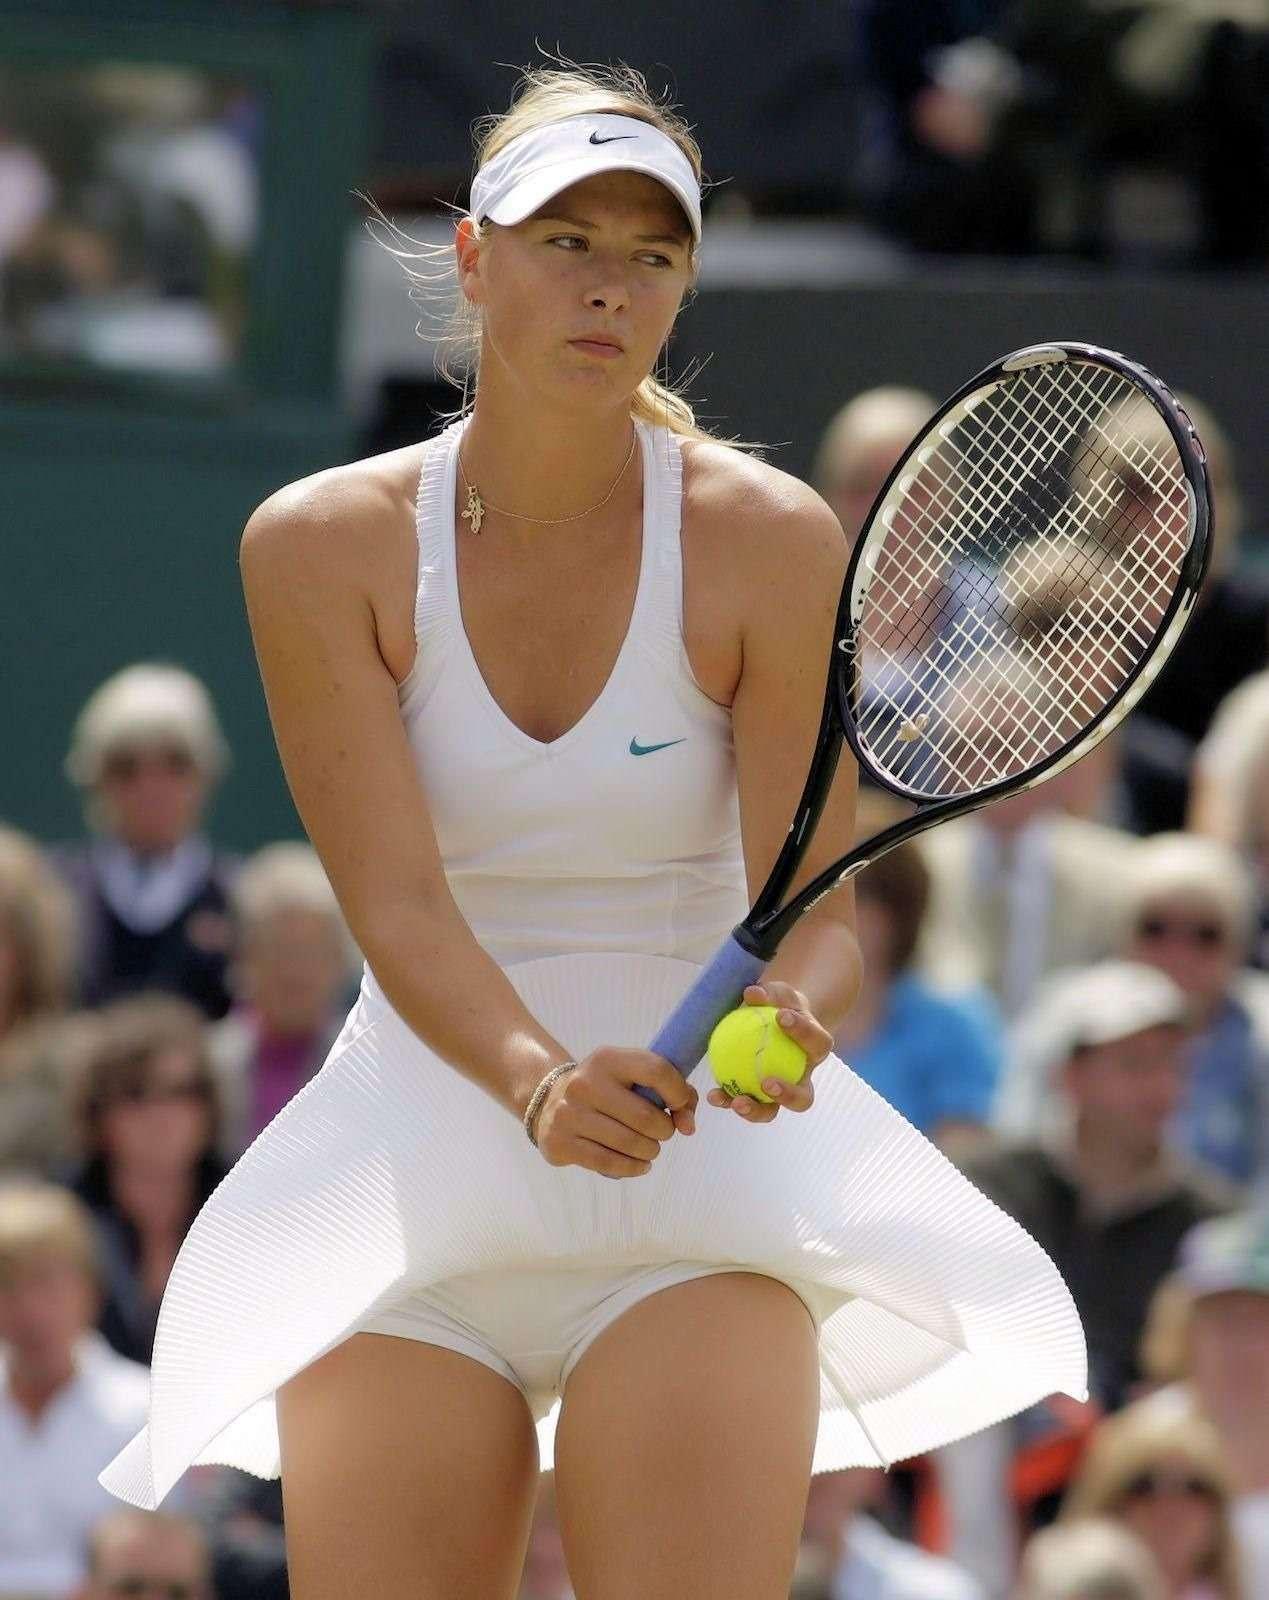 シャラポワのテニスのエロ画像をまとめ